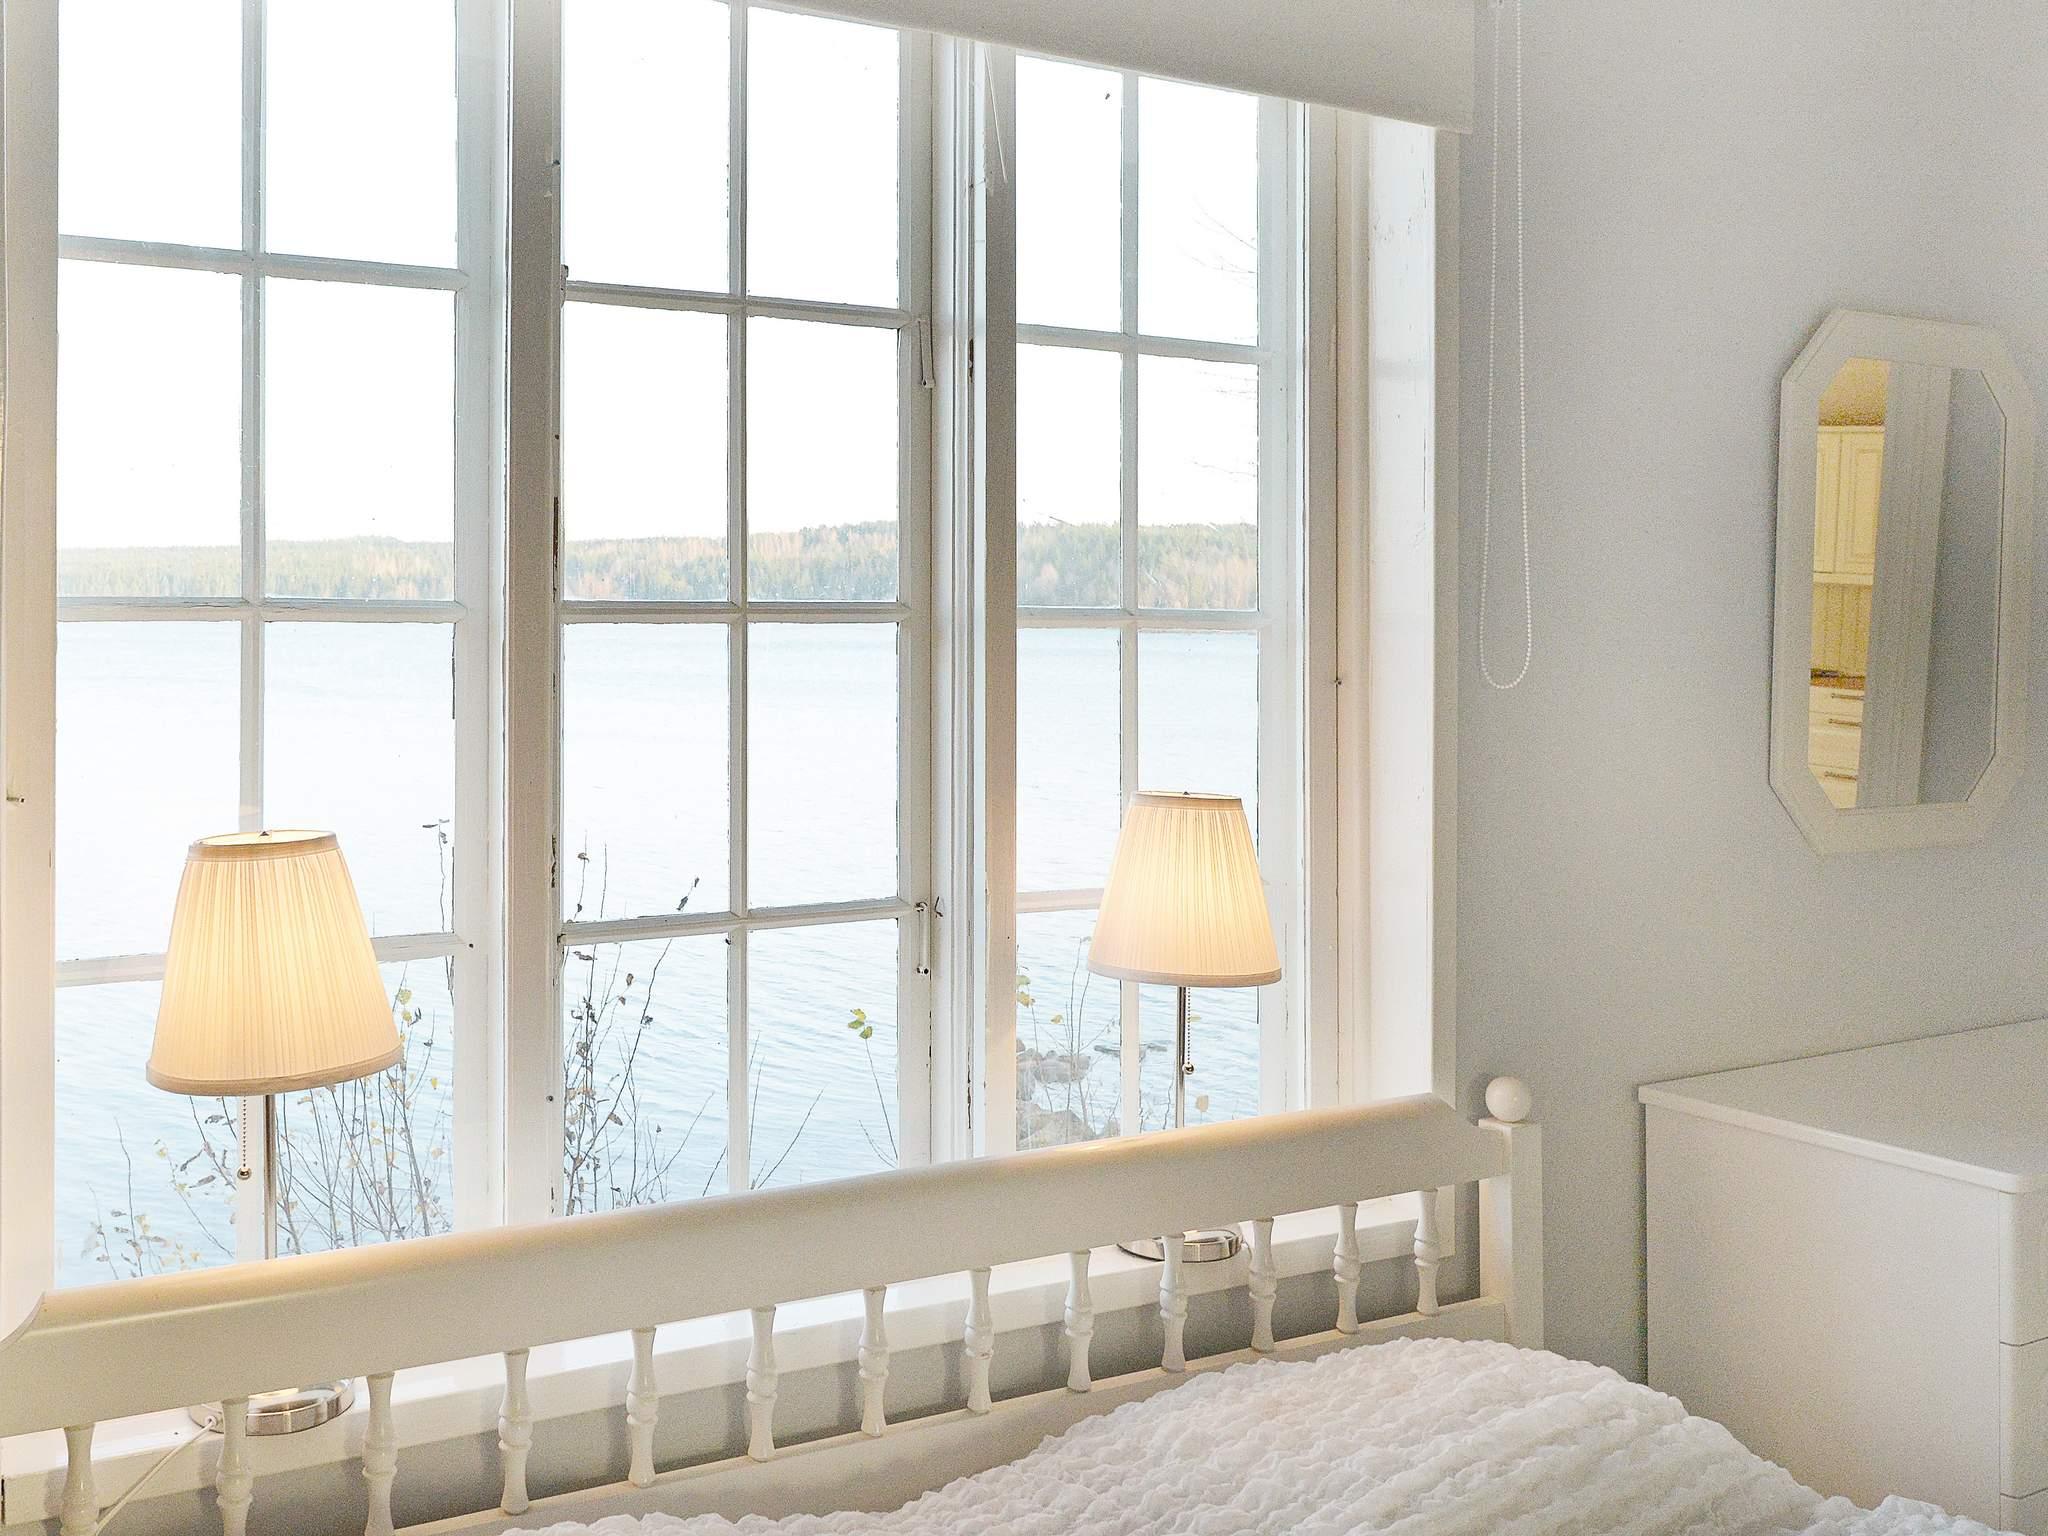 Ferienhaus Hova (432883), Hova, Västra Götaland län, Westschweden, Schweden, Bild 2